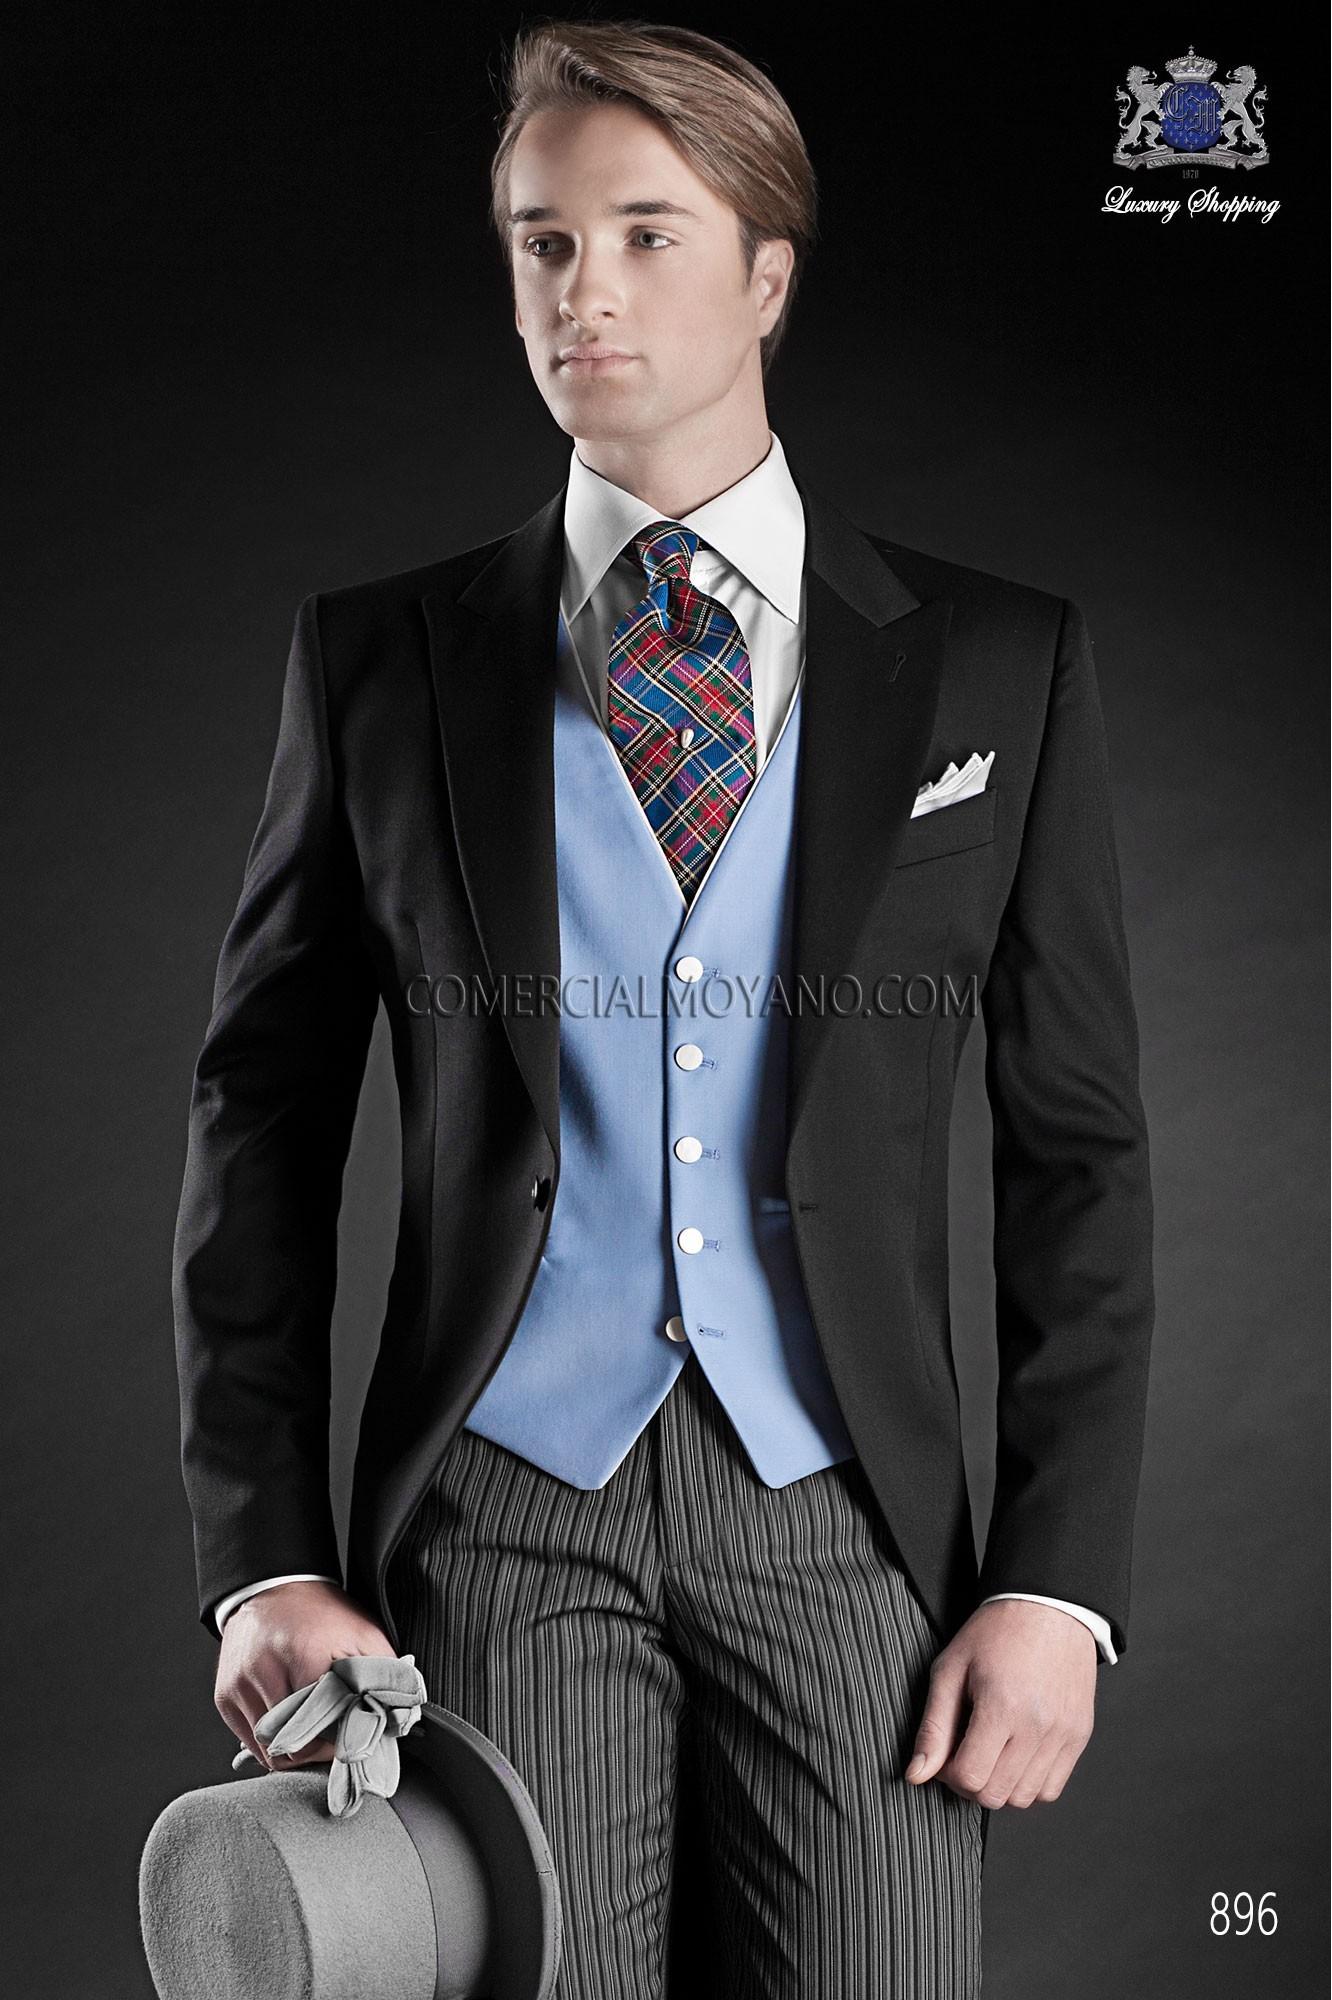 Traje Gentleman de novio negro modelo: 896 Ottavio Nuccio Gala colección Gentleman